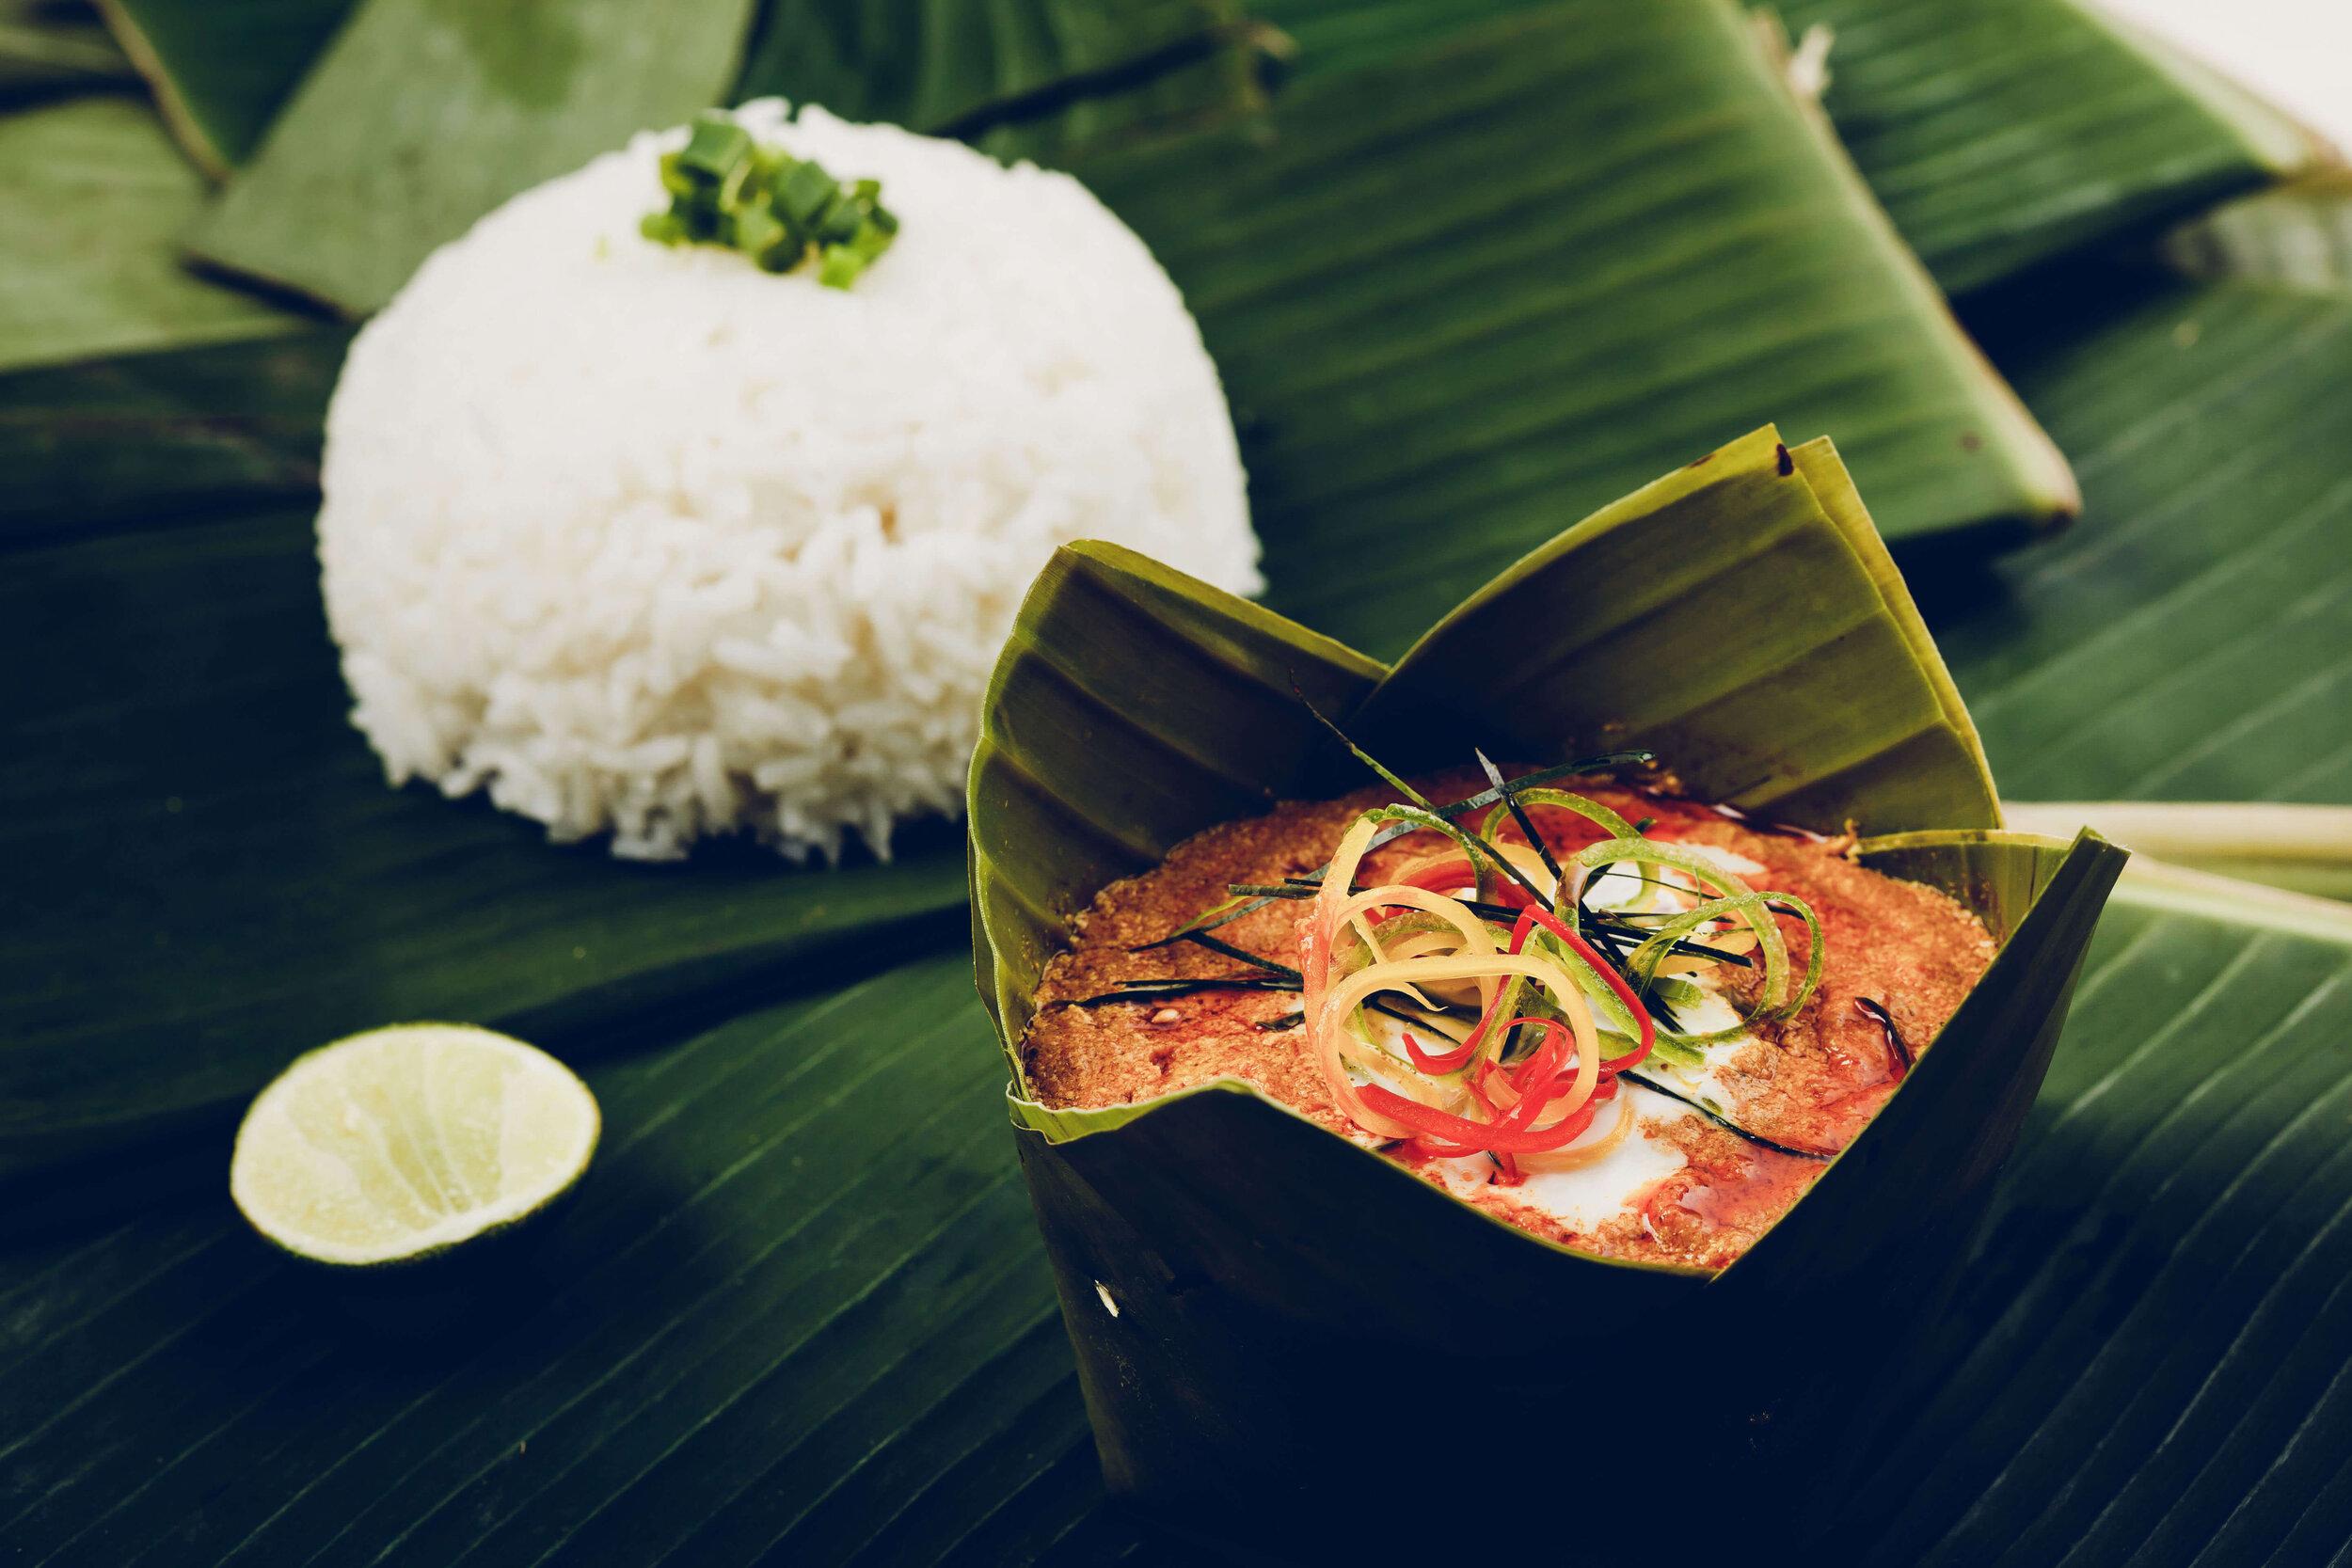 Heritage Line - Laos - Excursion - Laotian cuisine - LR.jpg